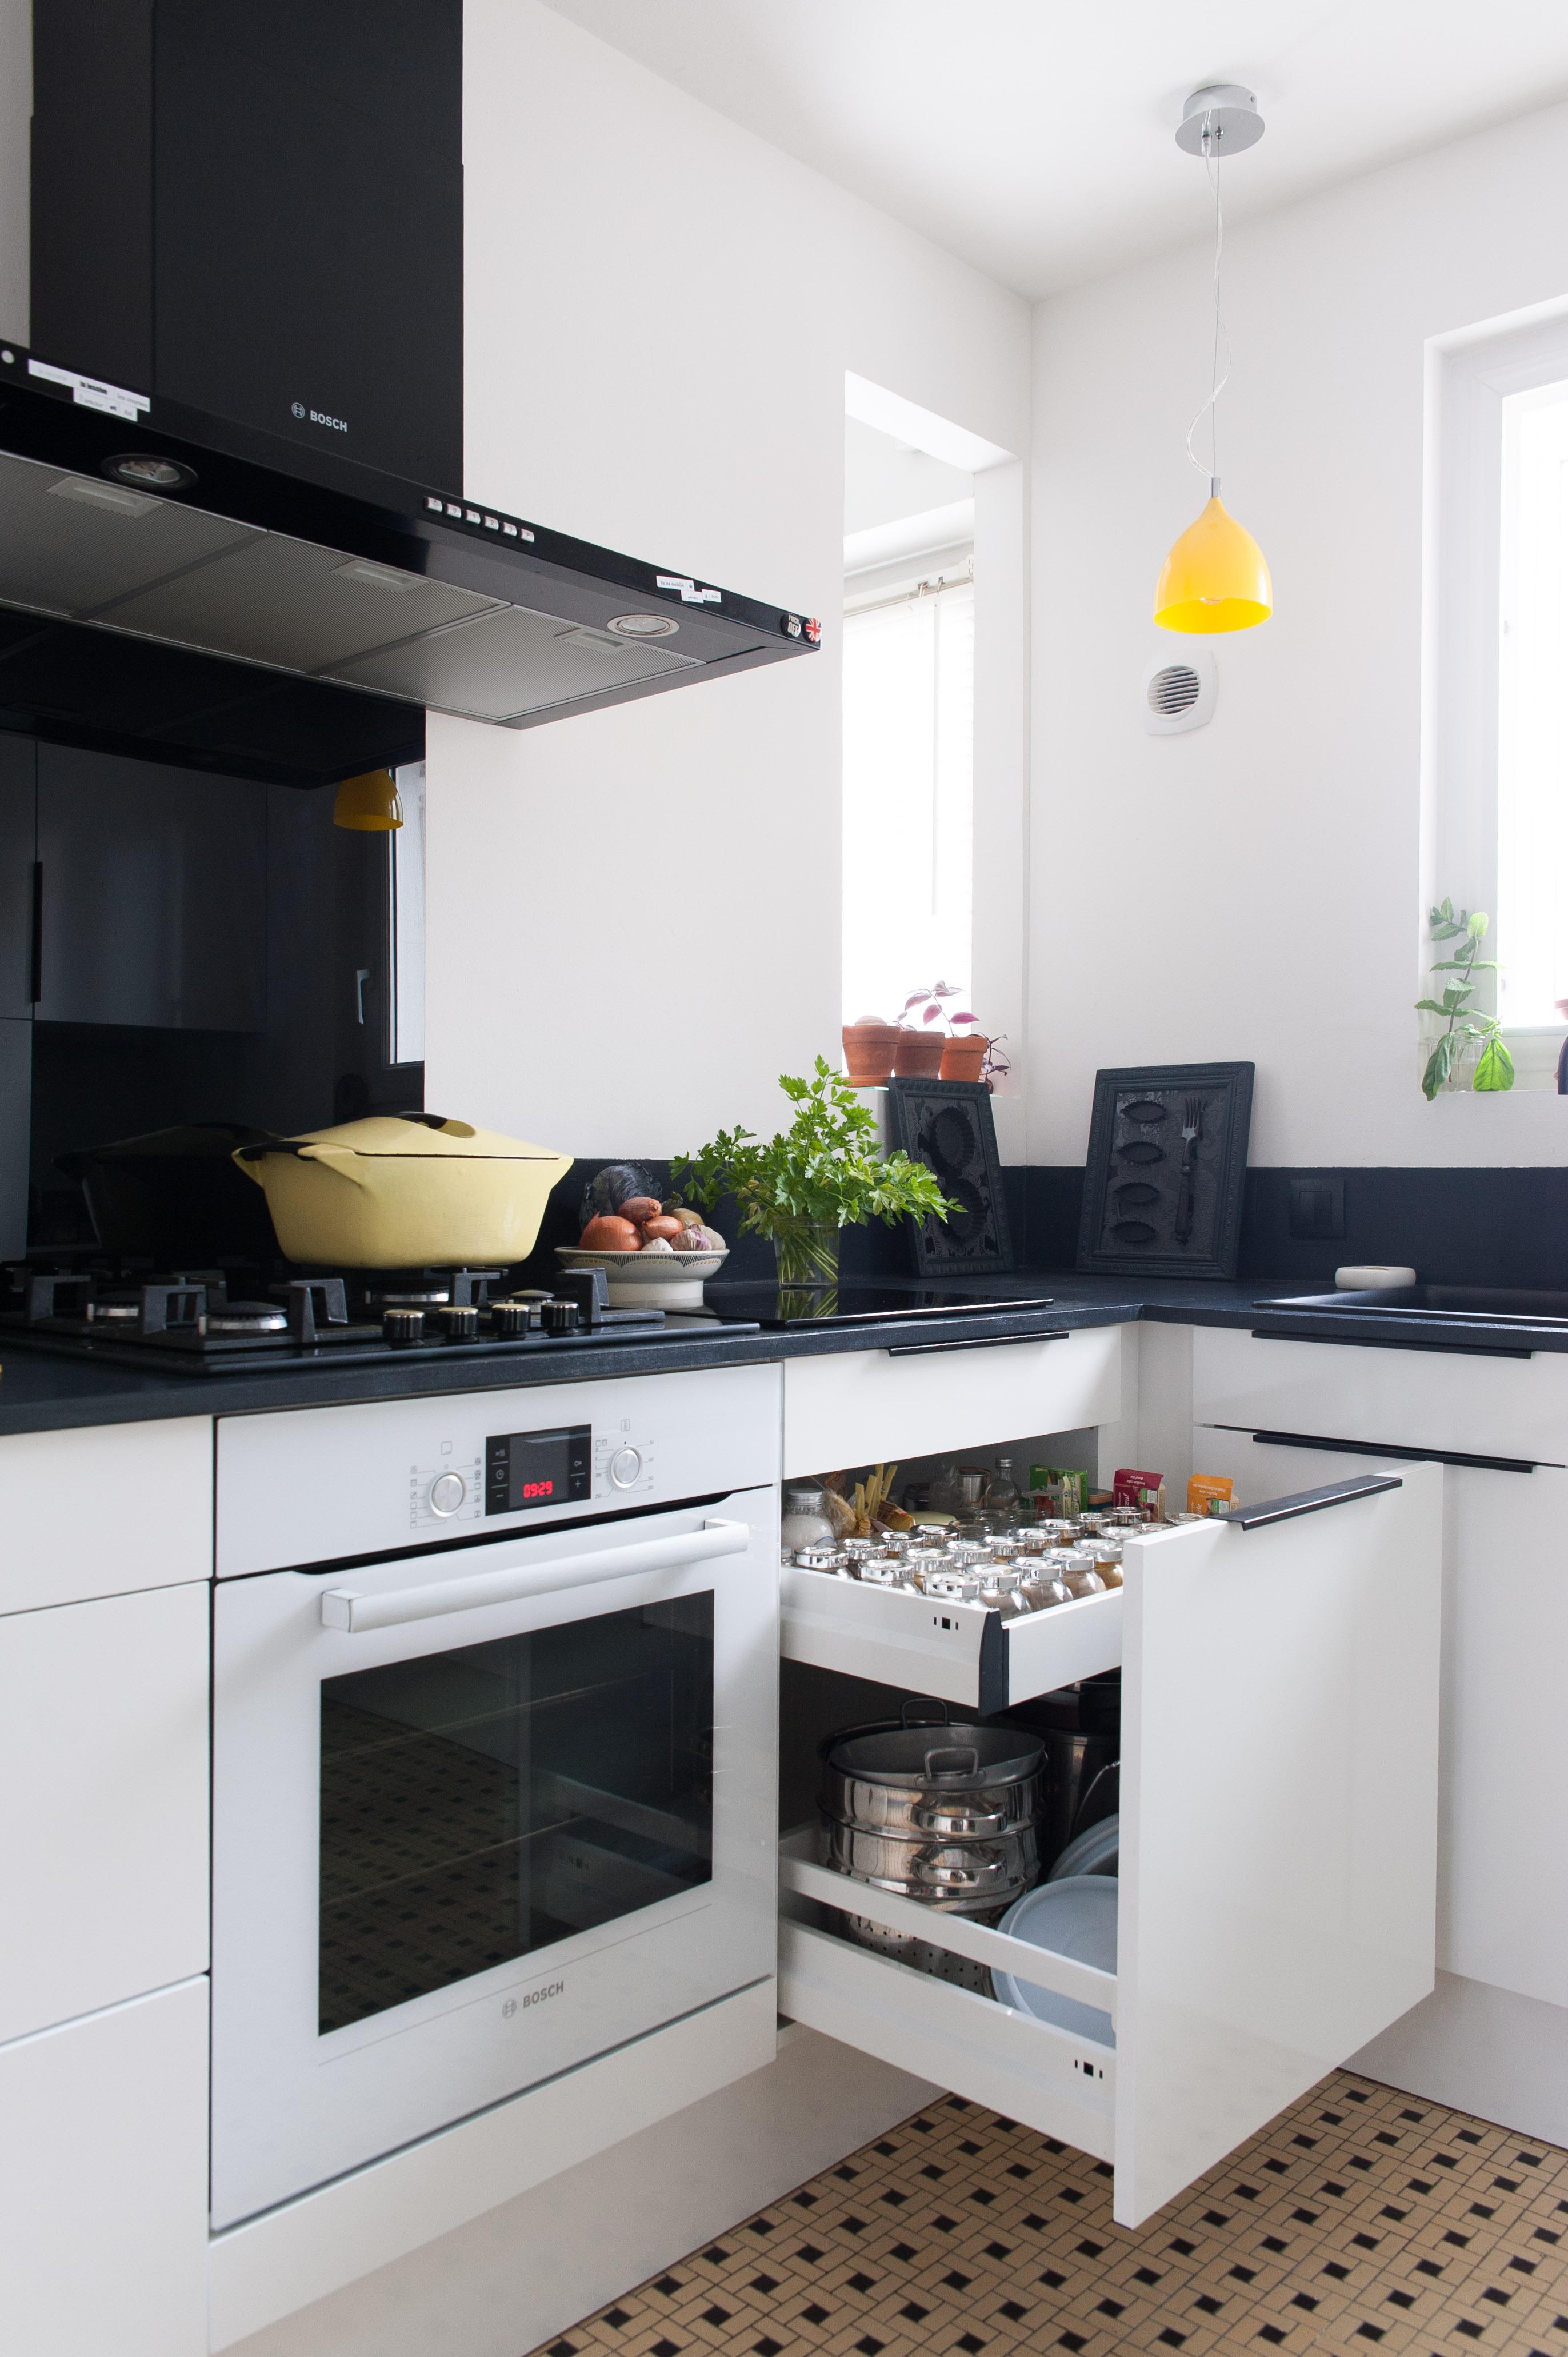 Ol ron meubles cuisine reflet ol ron meubles for Meubles oleron